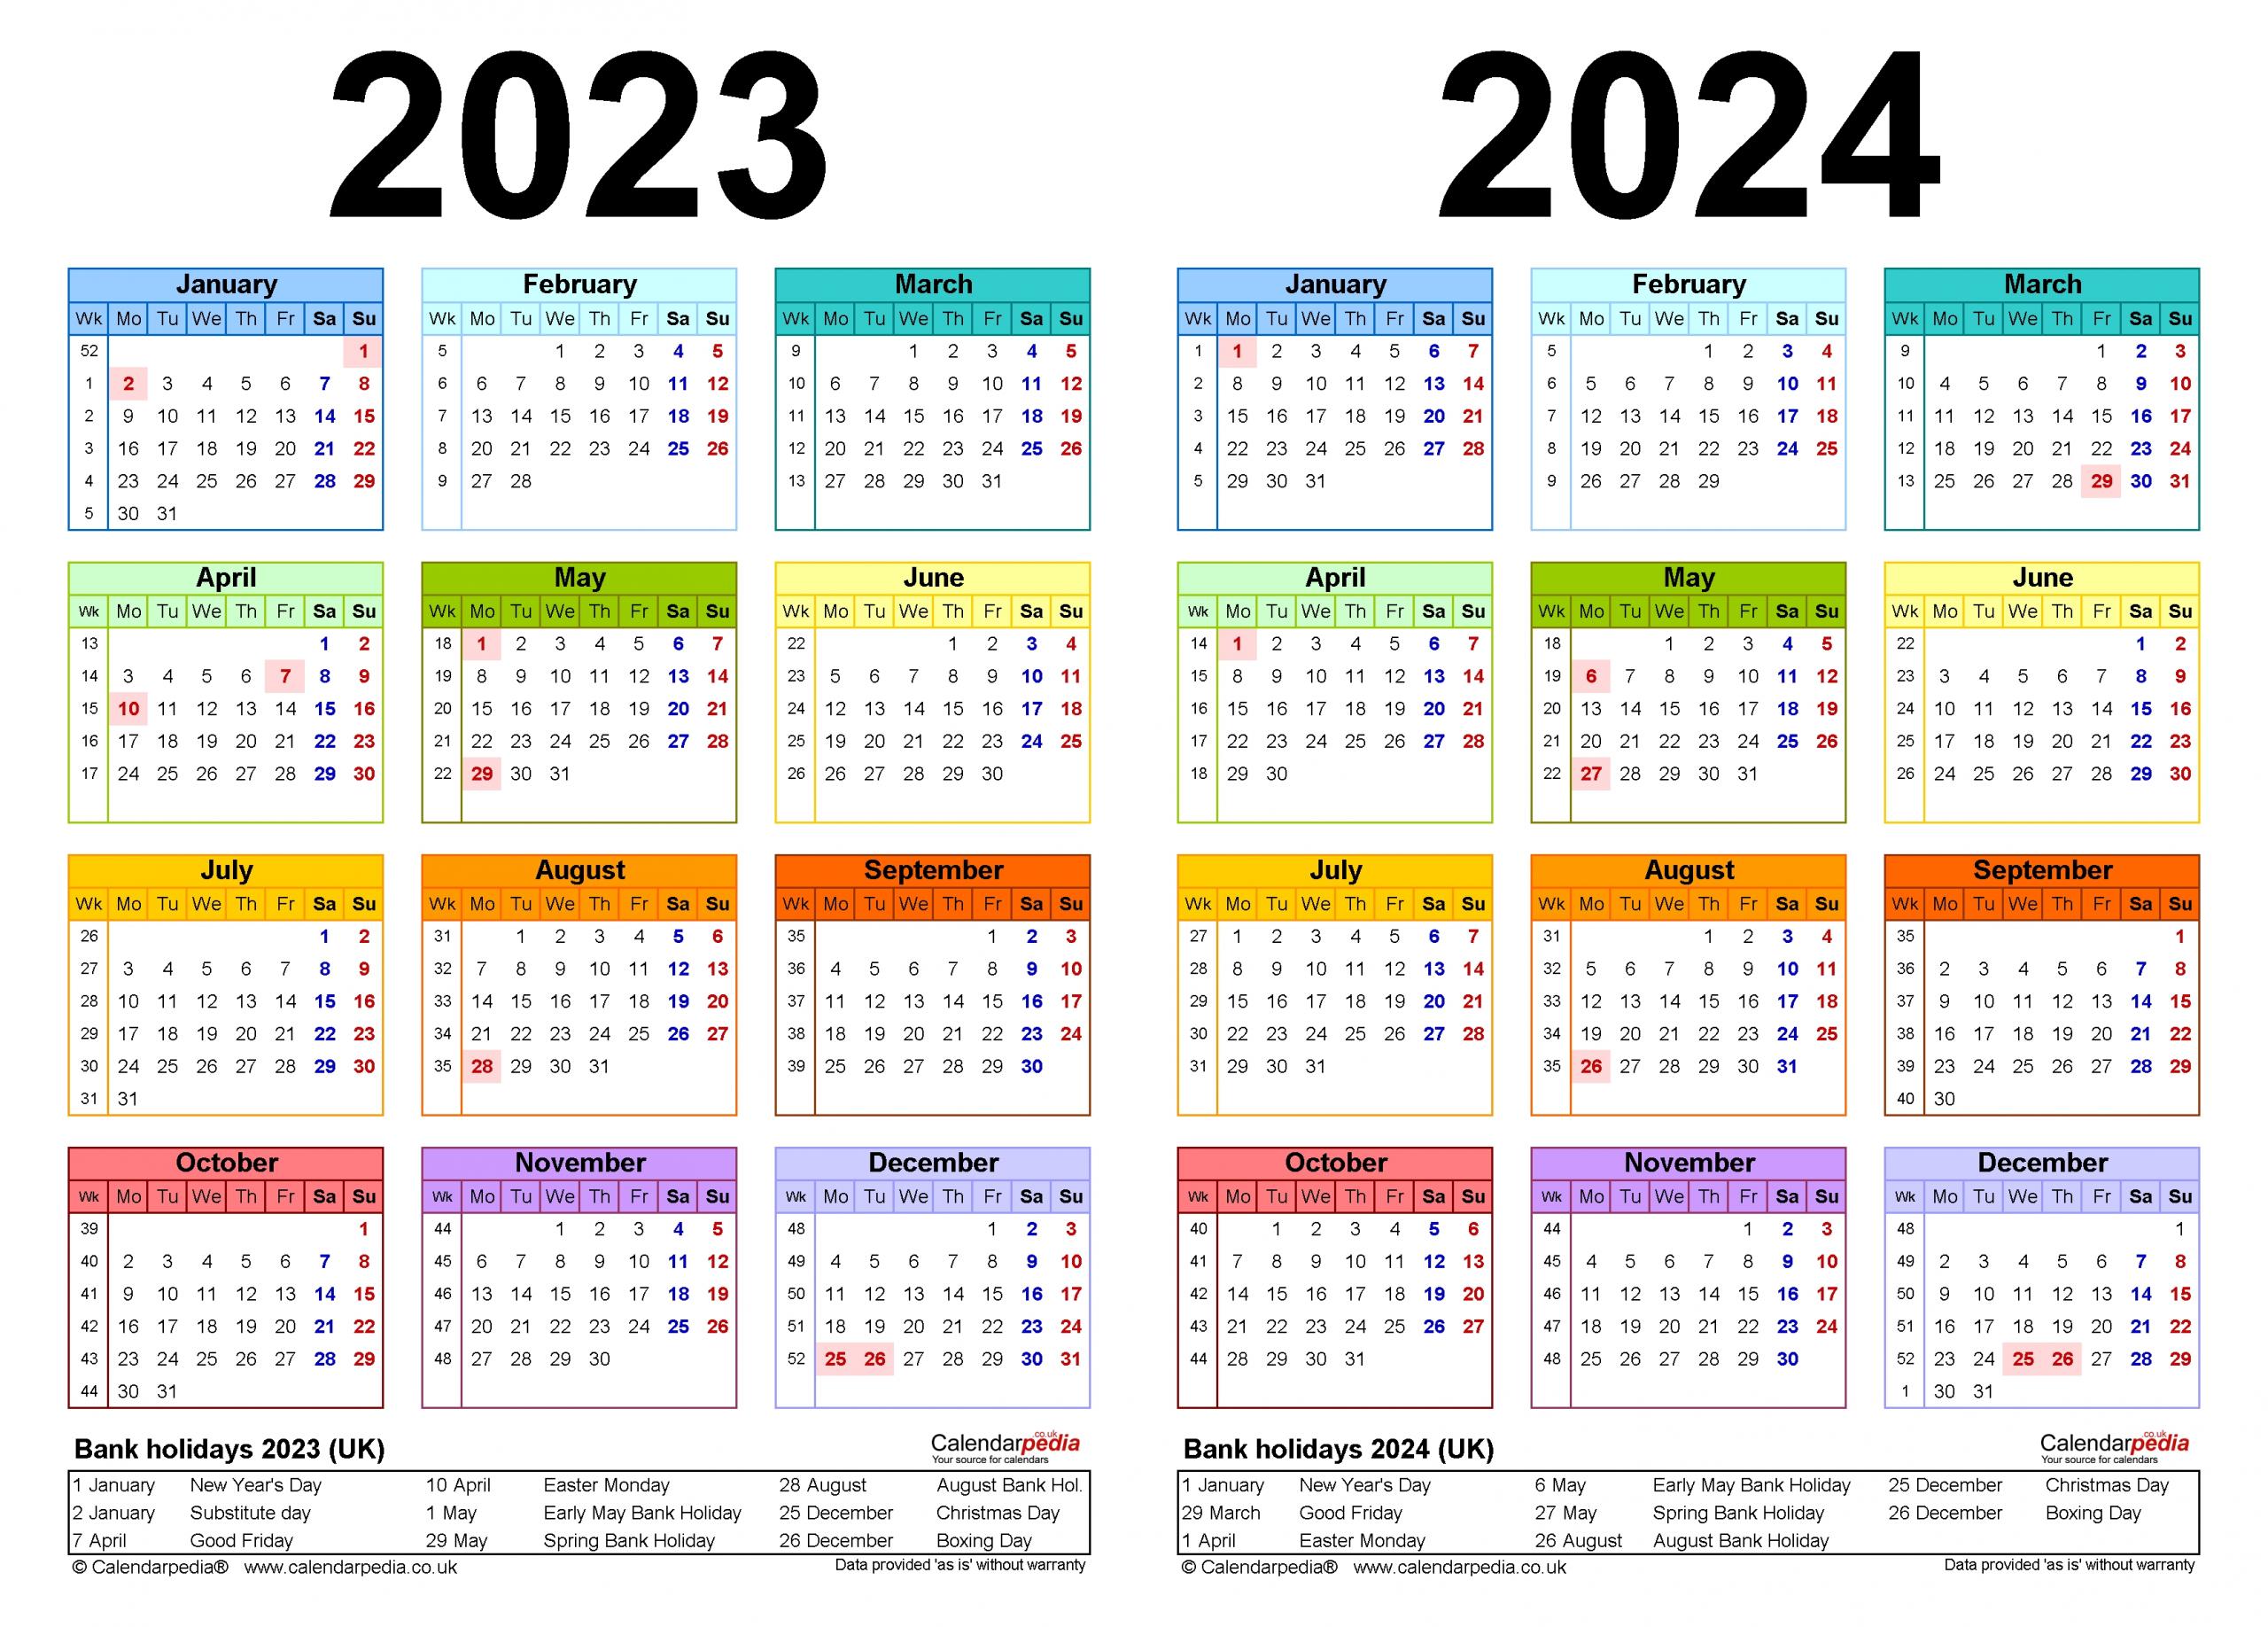 Get Financial Week Numbers 2021 Uk